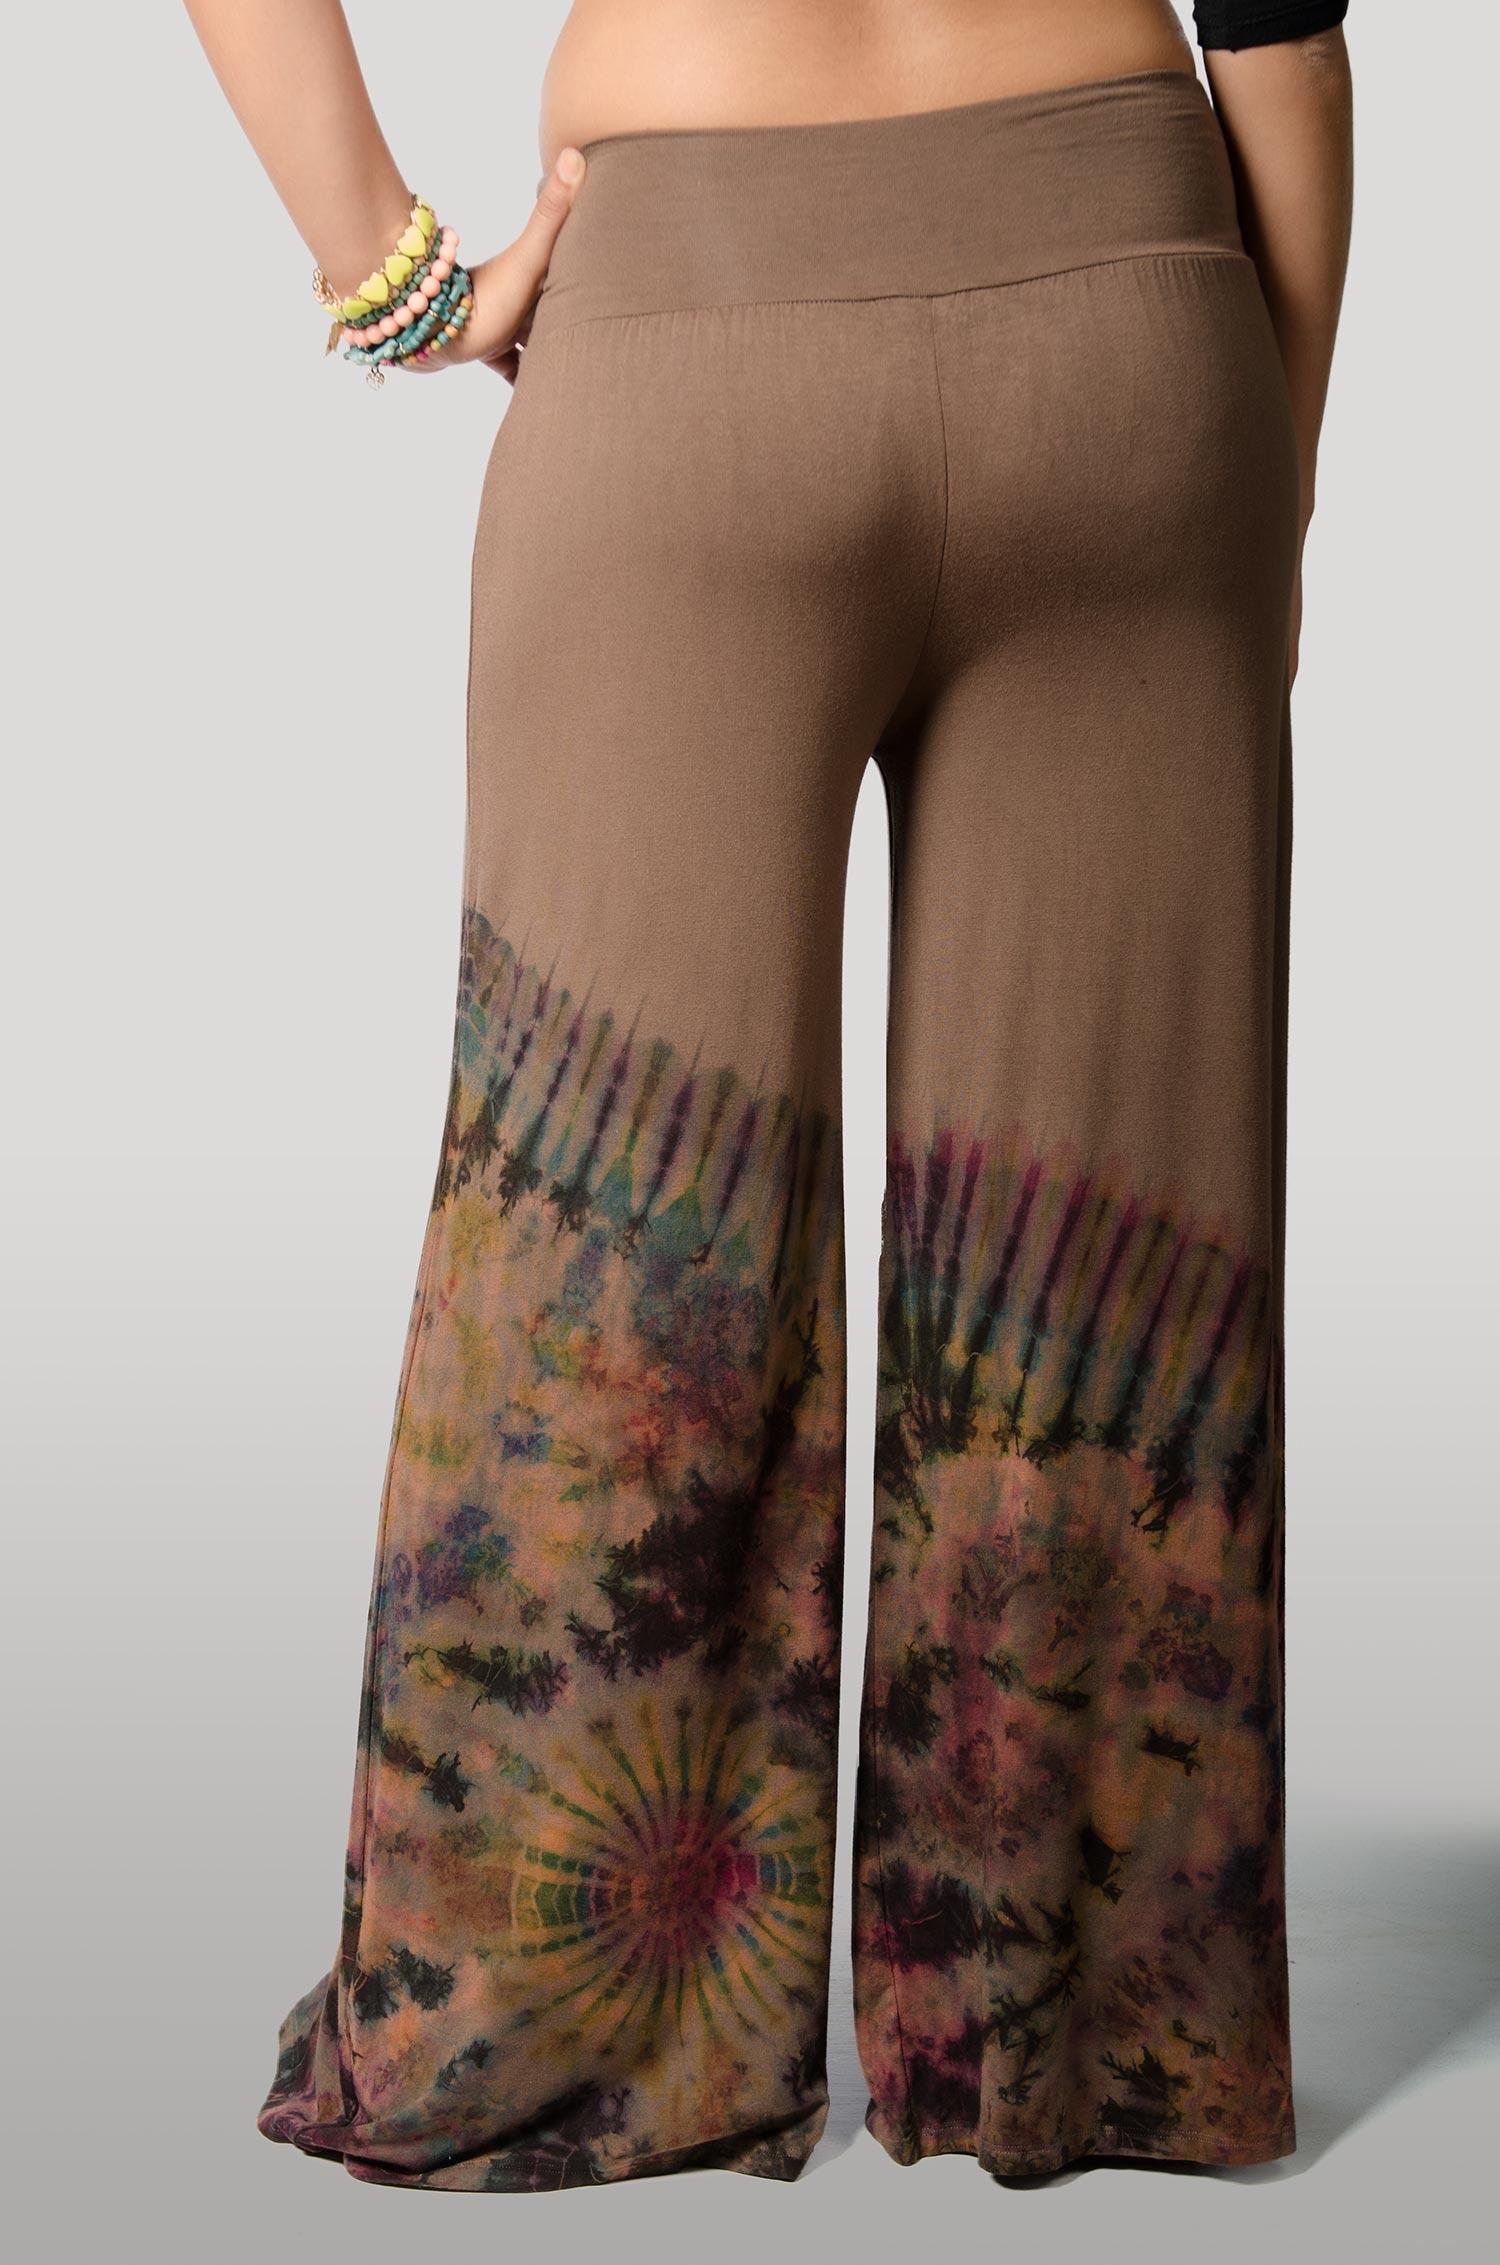 Hand Painted Tie Dye,Wide Leg Pants , Brown Orange